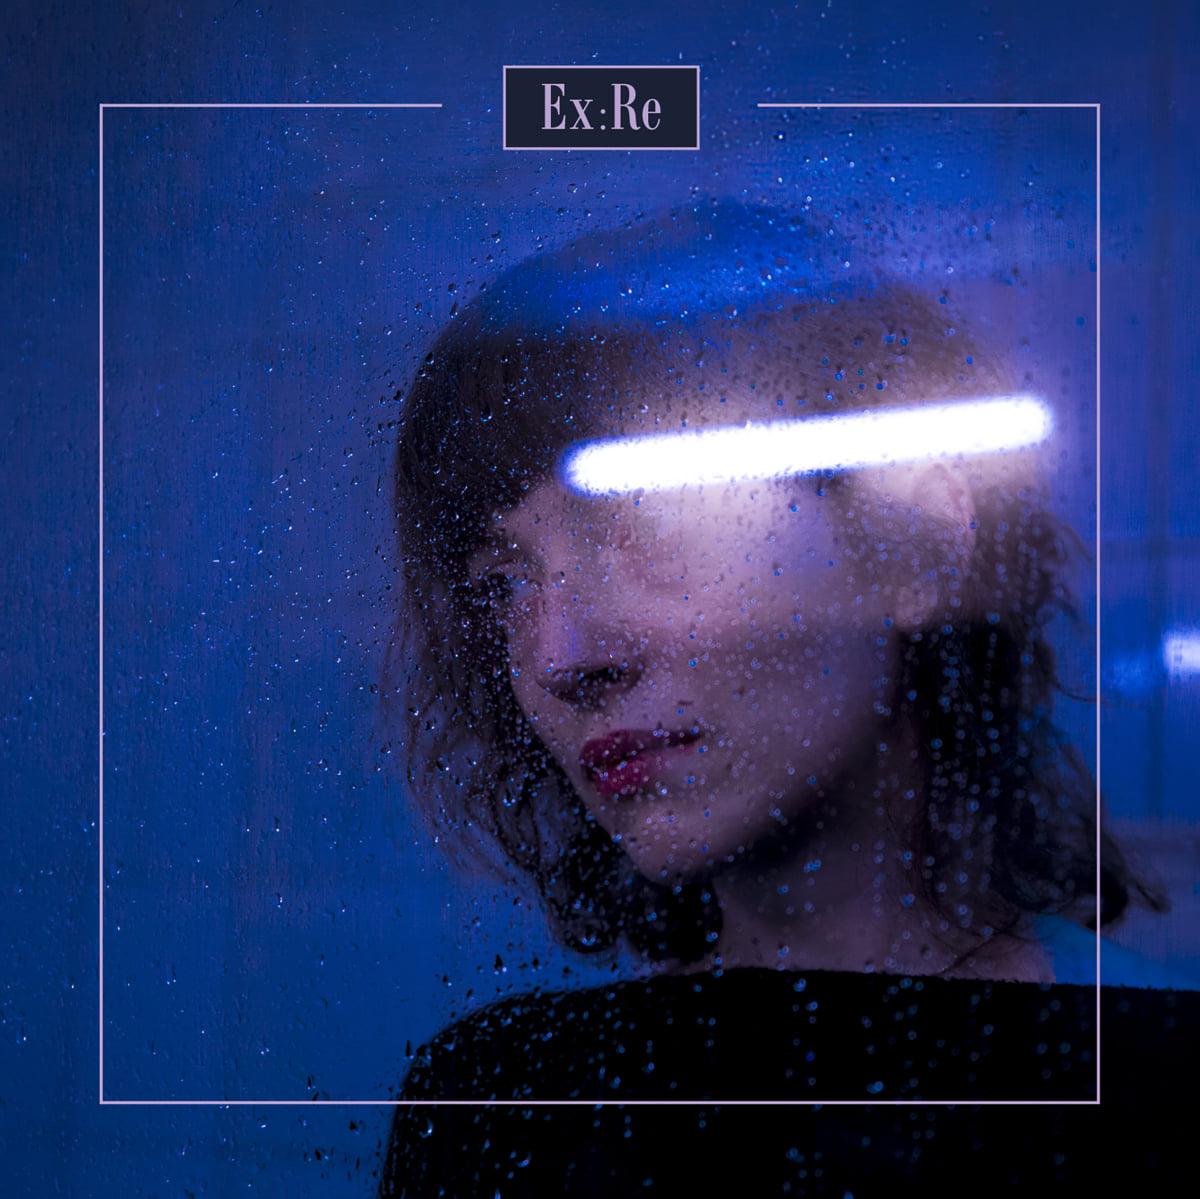 Daughterのエレナ・トンラのソロ・プロジェクトEX:REが、デビュー・アルバム国内盤CD発売 music181228-exre-02-1200x1199